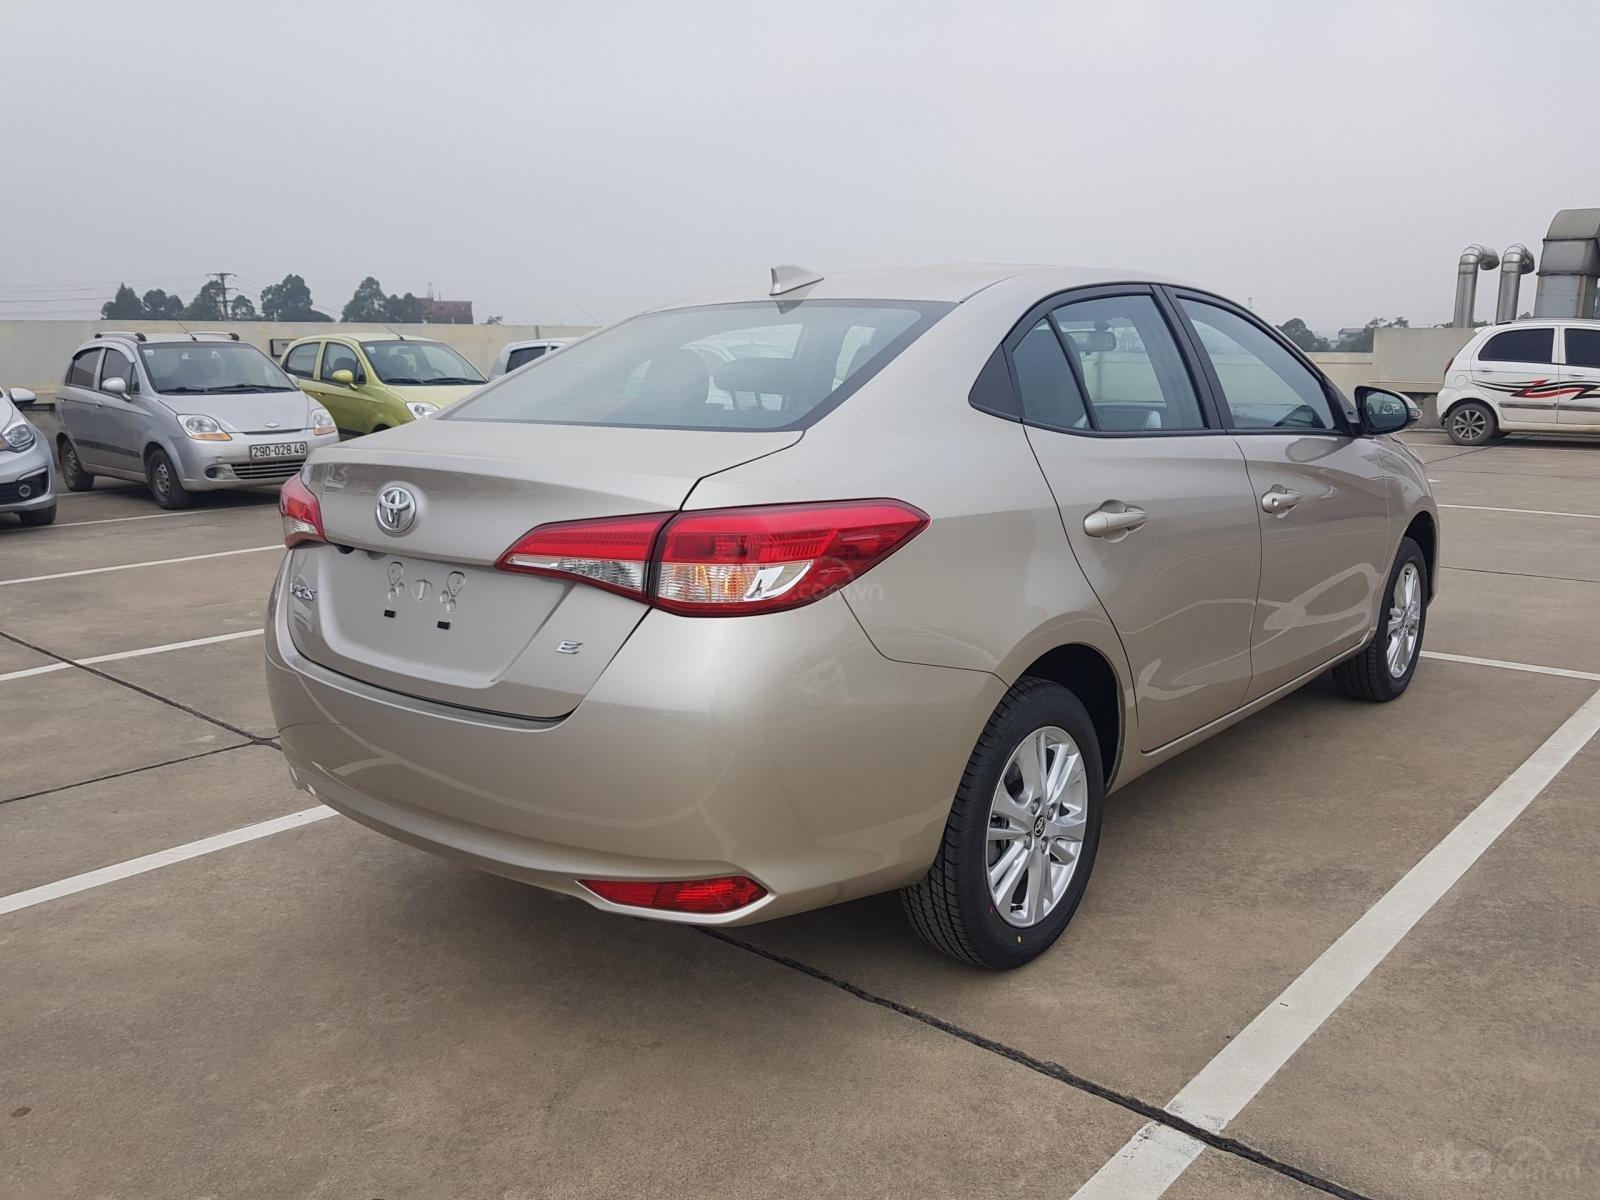 Toyota Vinh - Nghệ An bán xe Vios tự động giá rẻ nhất Nghệ An, trả góp 80% lãi suất thấp (3)